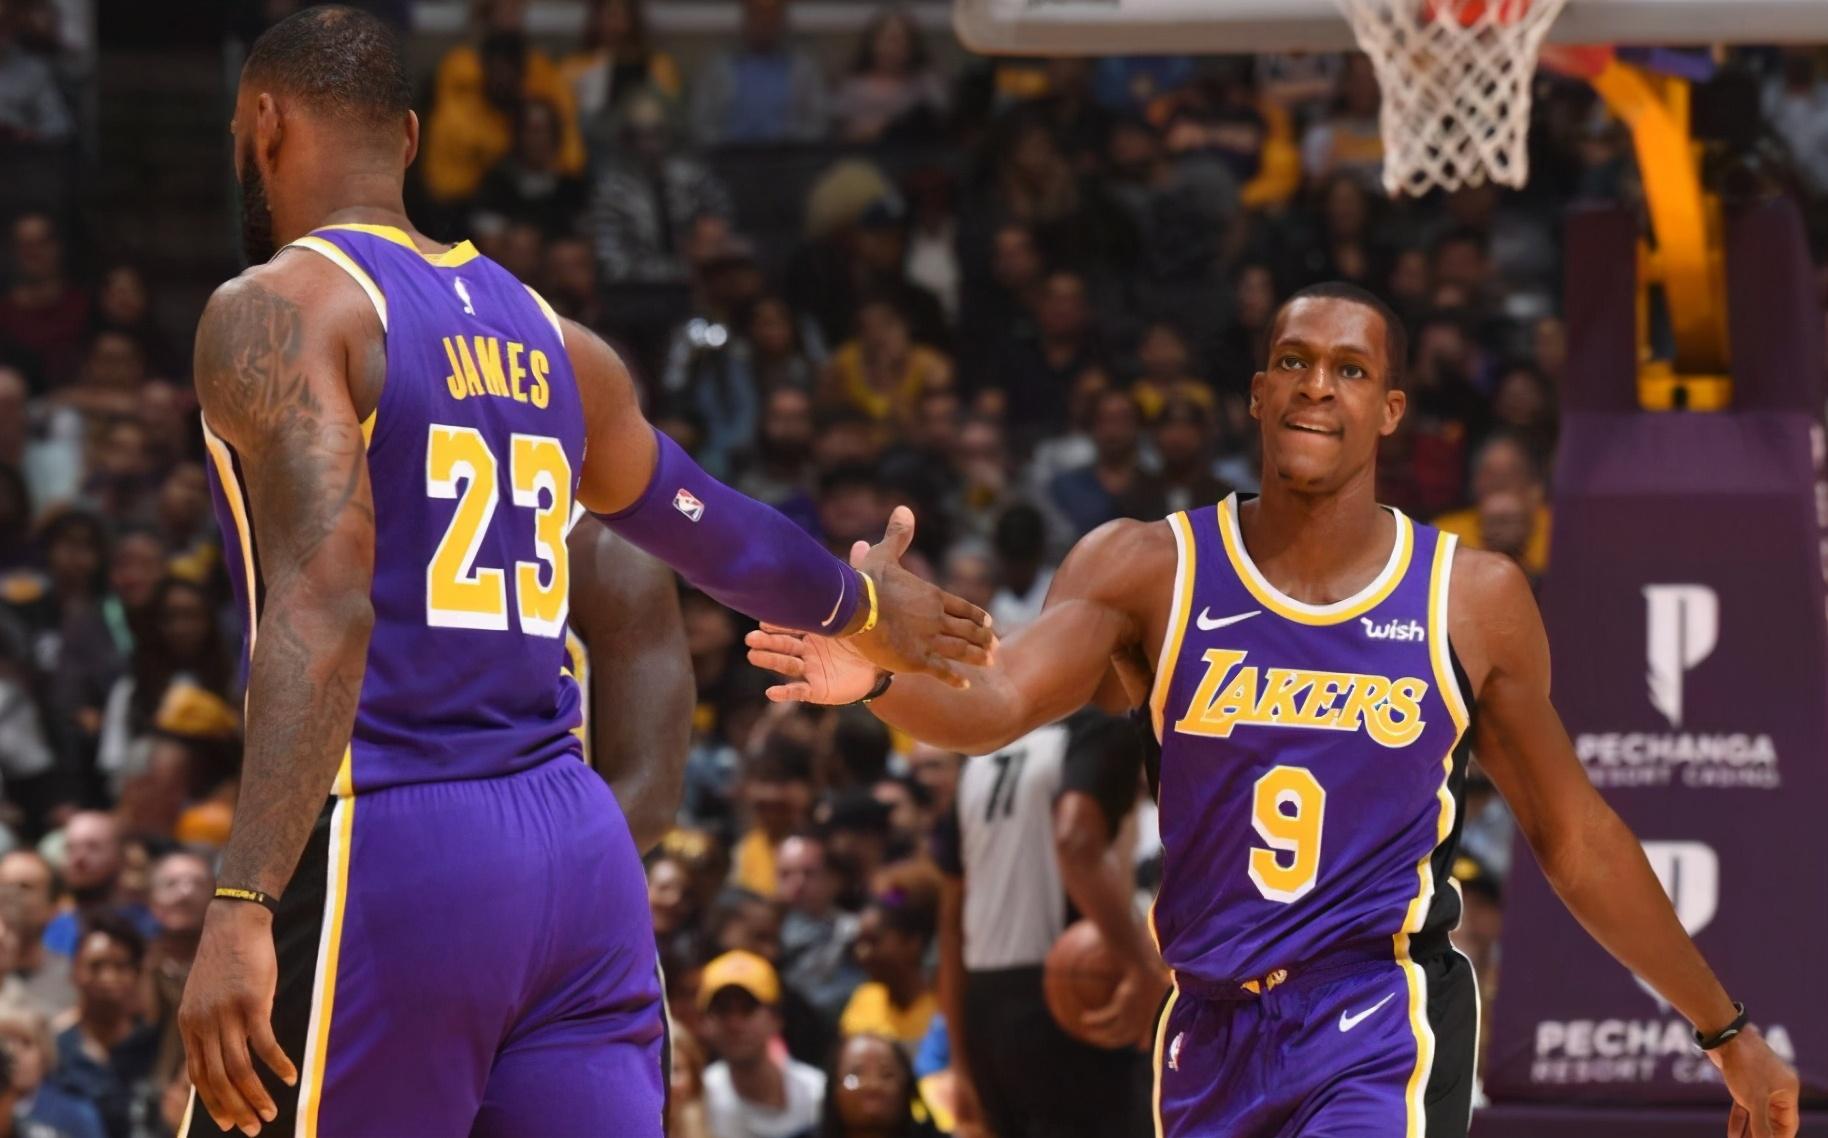 湖人又有倆將宣告回歸,奪冠陣容基本保留,僅剩大Morris還未表態!-黑特籃球-NBA新聞影音圖片分享社區